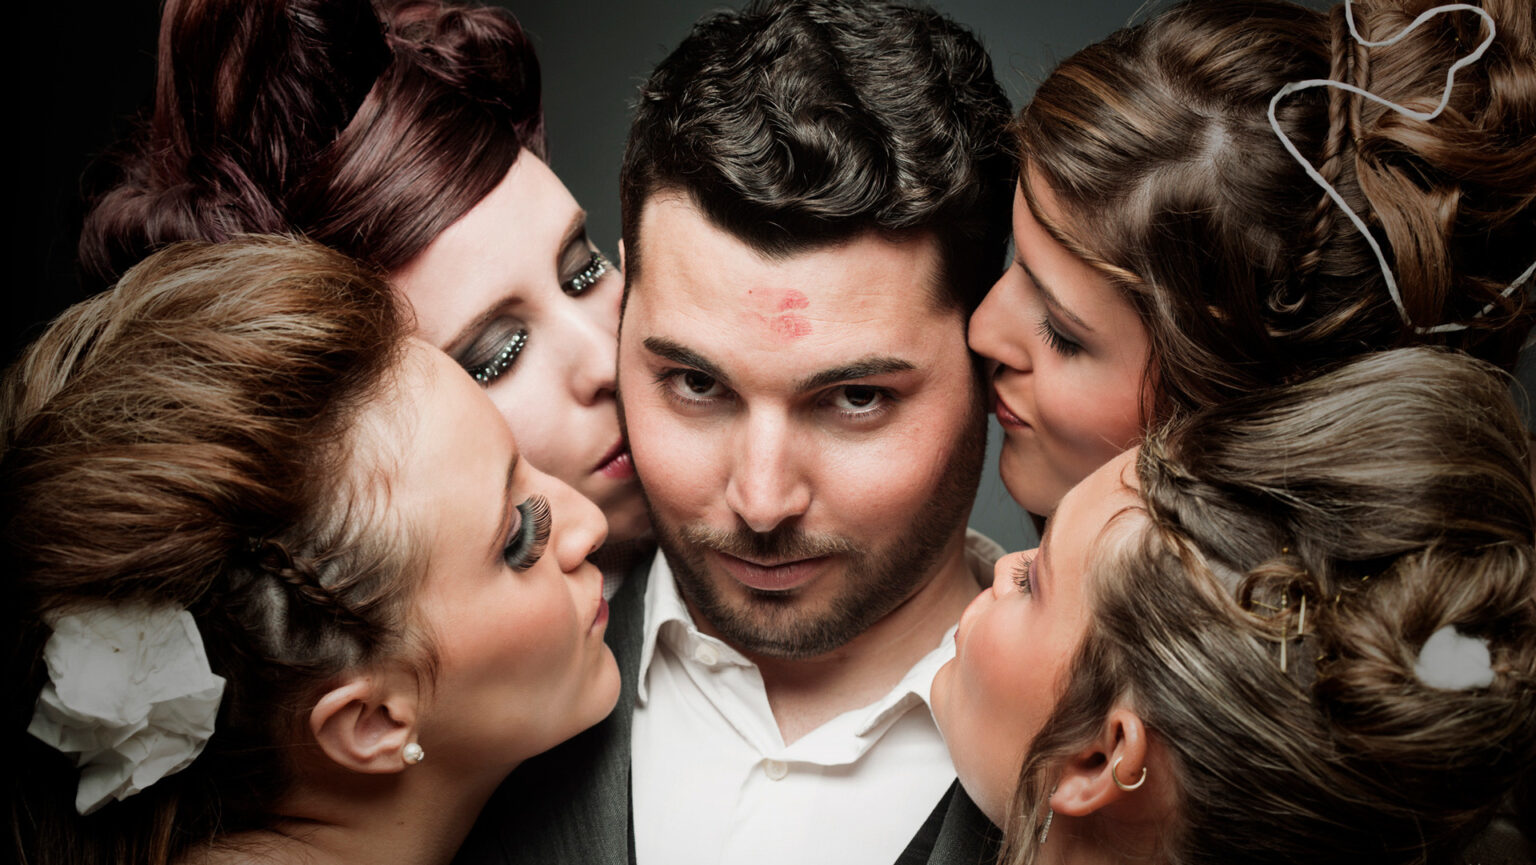 ᐉ что такое моногамный мужчина. полигамность и моногамность мужчин — что это - mariya-mironova.ru